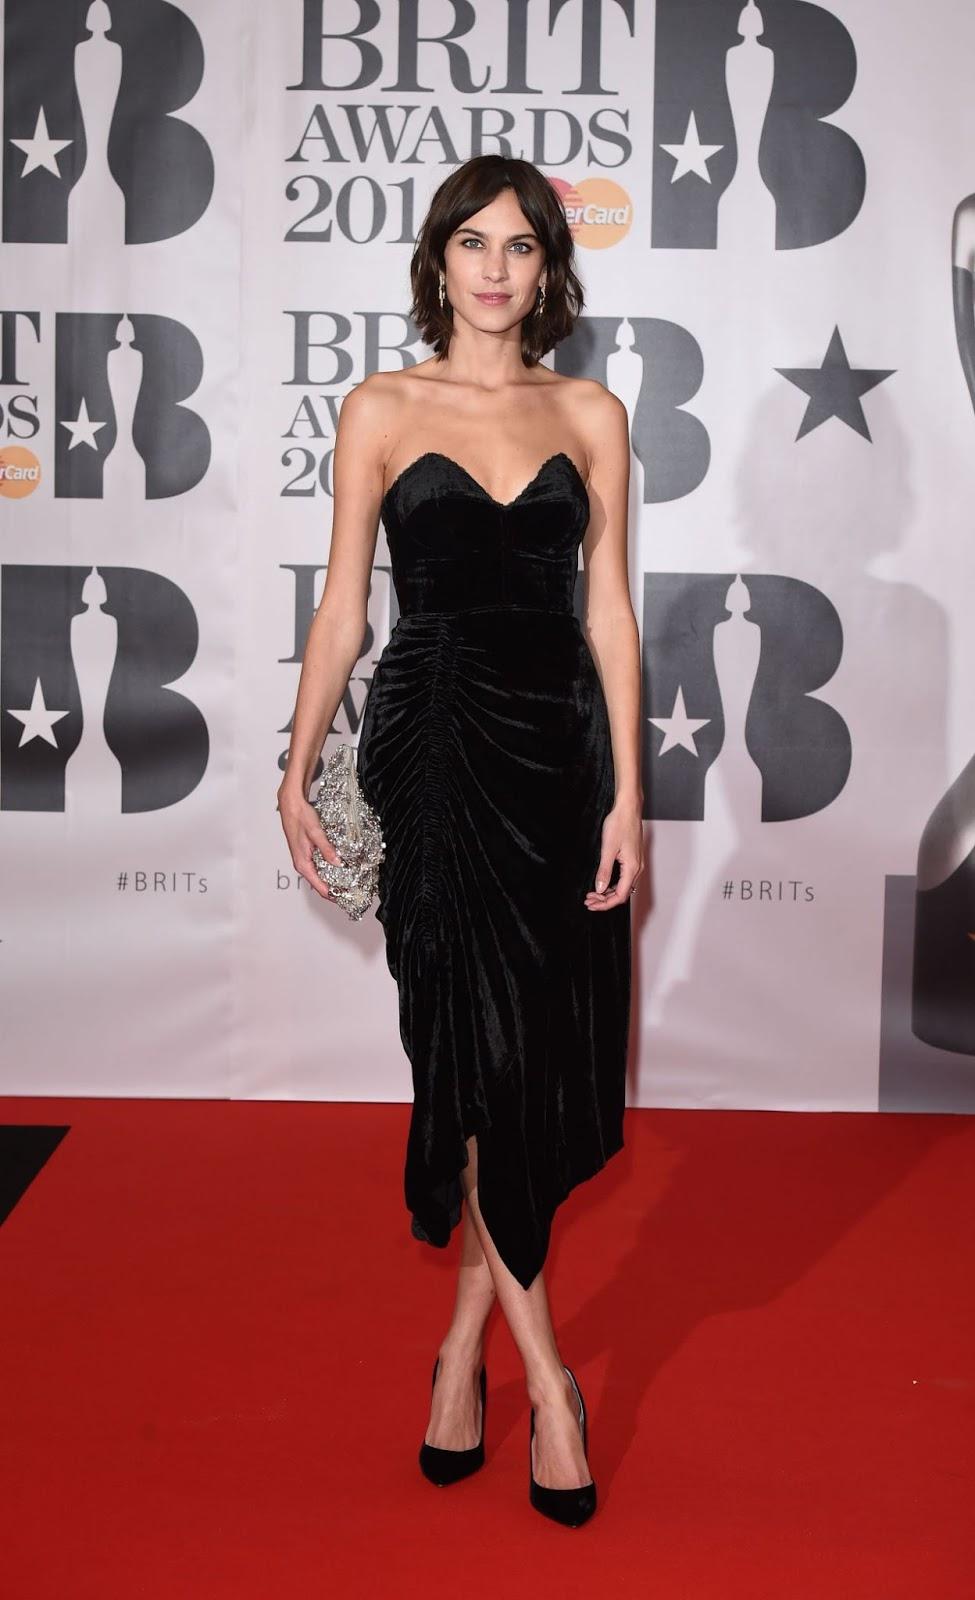 Alexa Chung is glamorous at the Brit Awards 2016